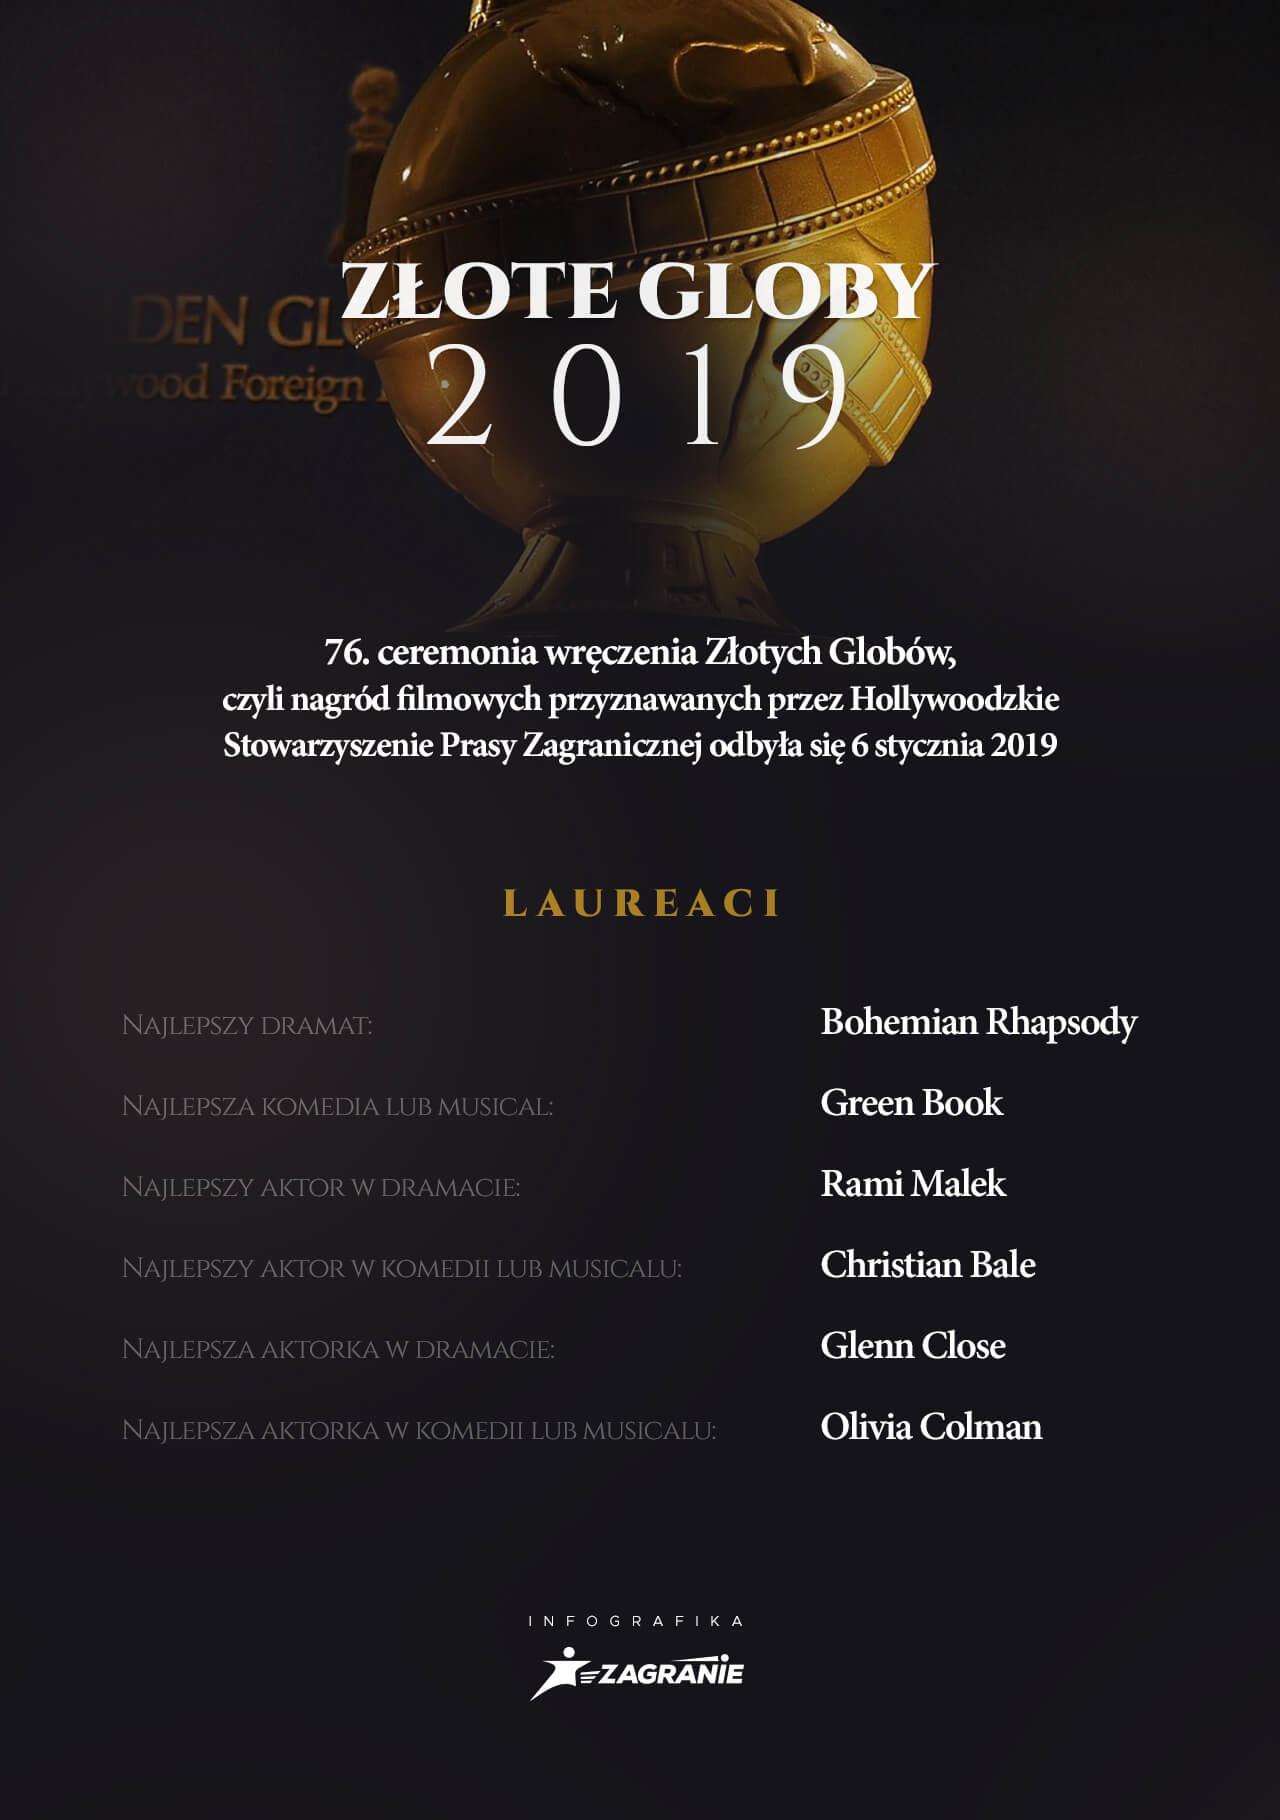 Złote Globy 2019